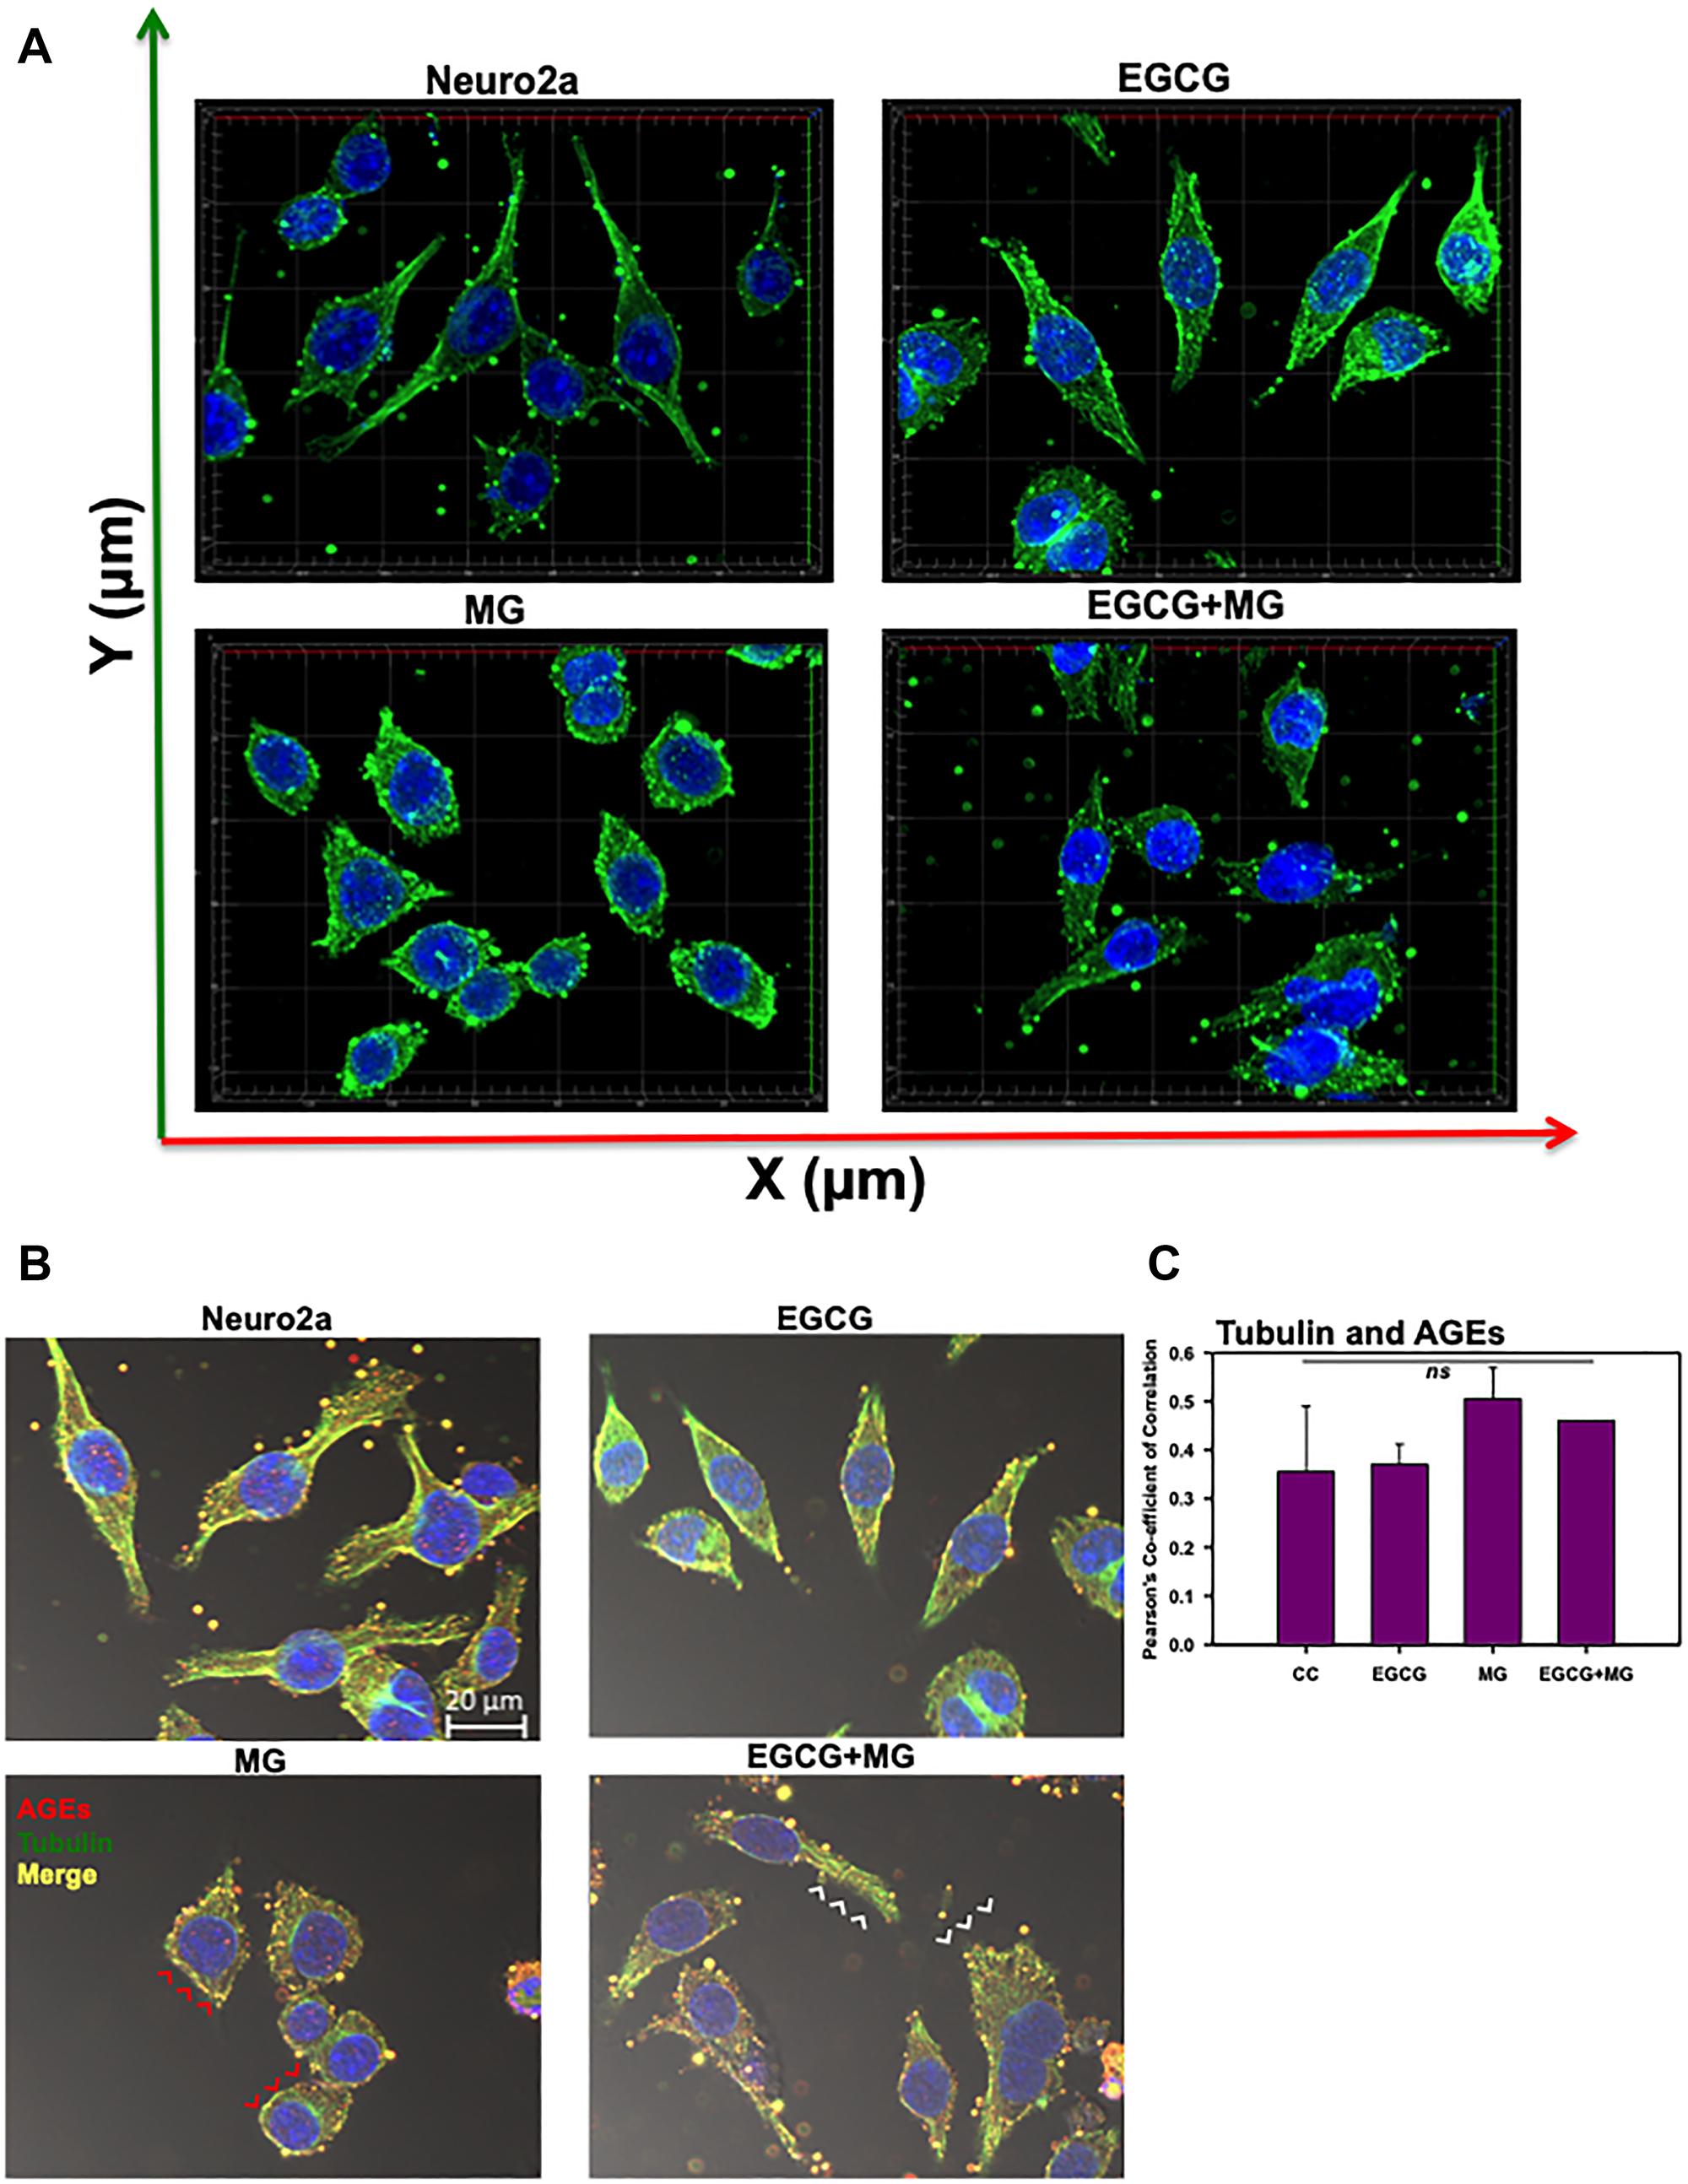 Effect of EGCG on tubulin cytoskeleton.